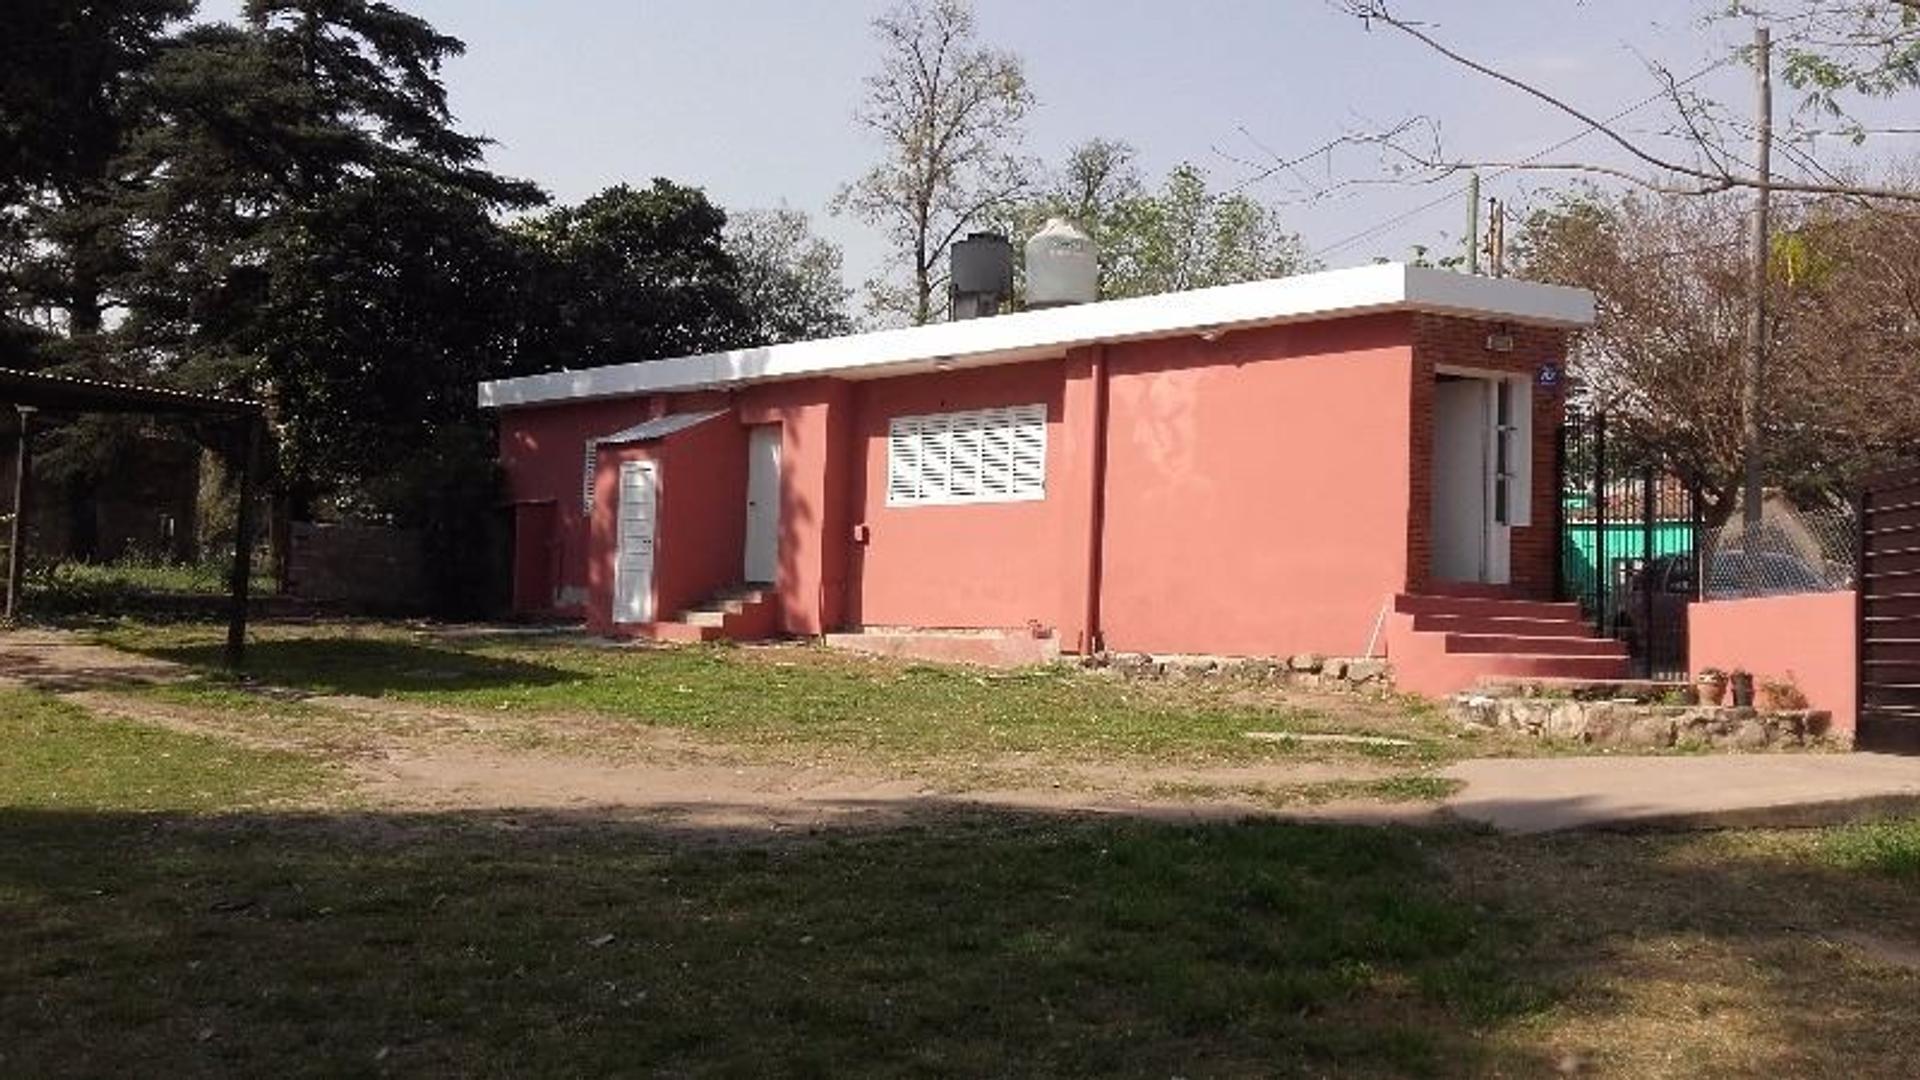 Excelente propiedad en la mejor ubicación en Unquillo. Oportunidad inversores